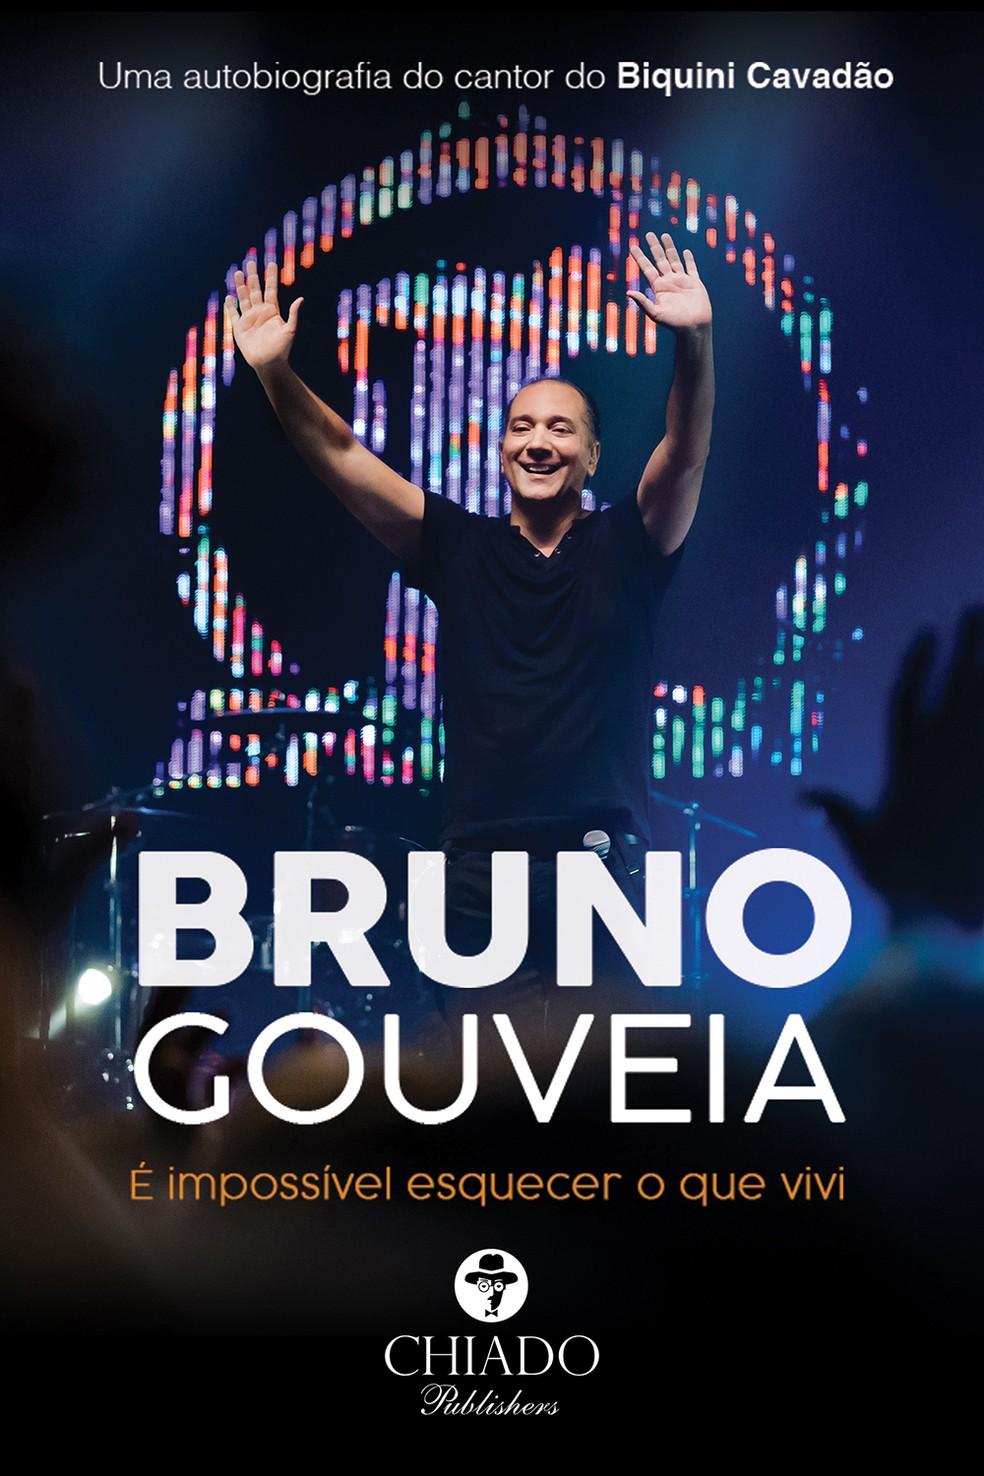 Capa do livro 'É impossível esquecer o que vivi', de Bruno Gouveia — Foto: Lorena Nicácio